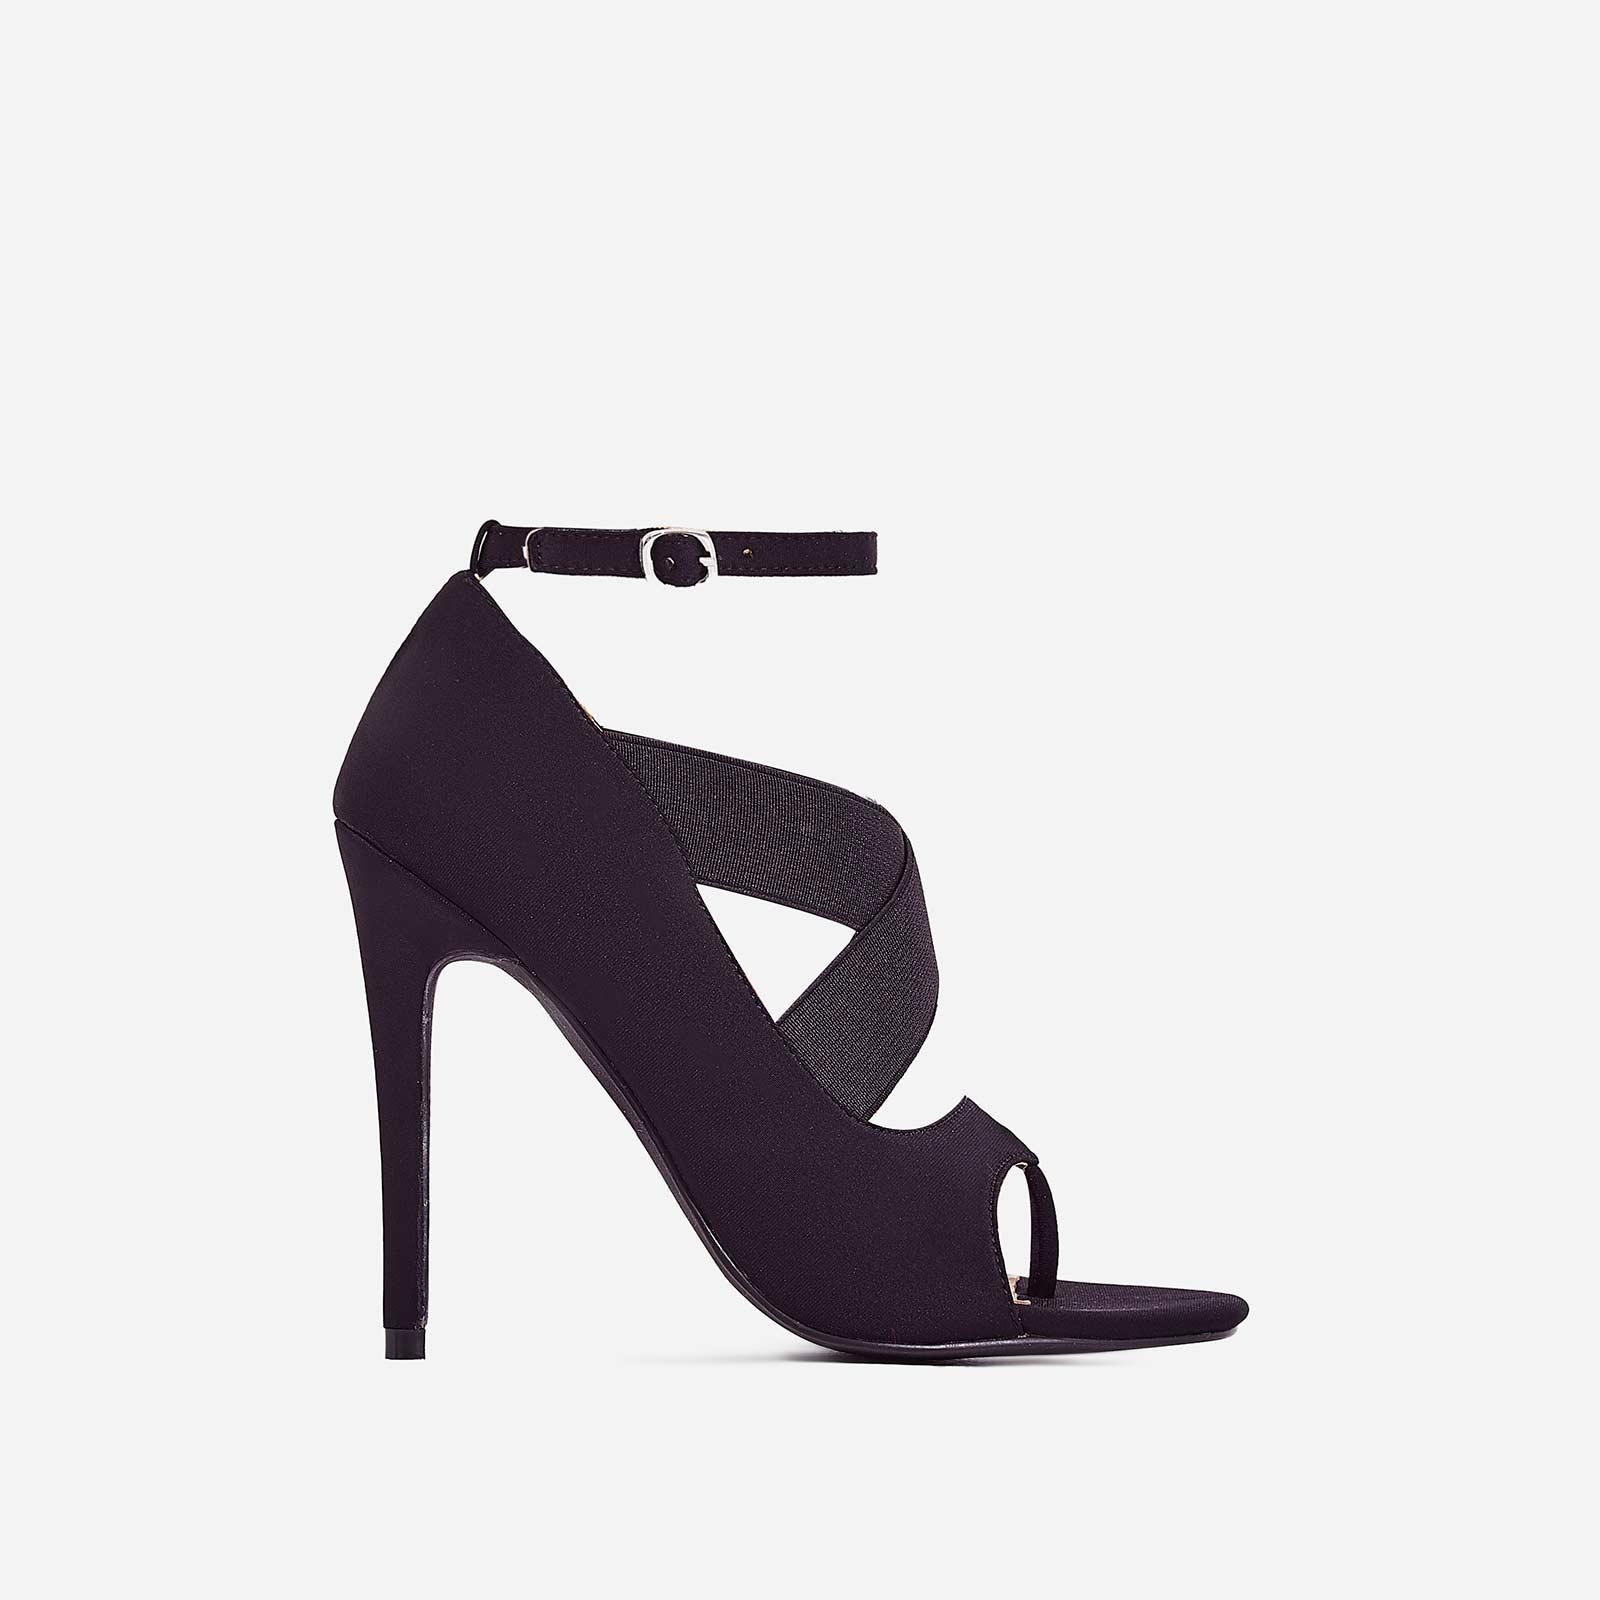 Yara Caged Elasticated Peep Toe Heel In Black Lycra